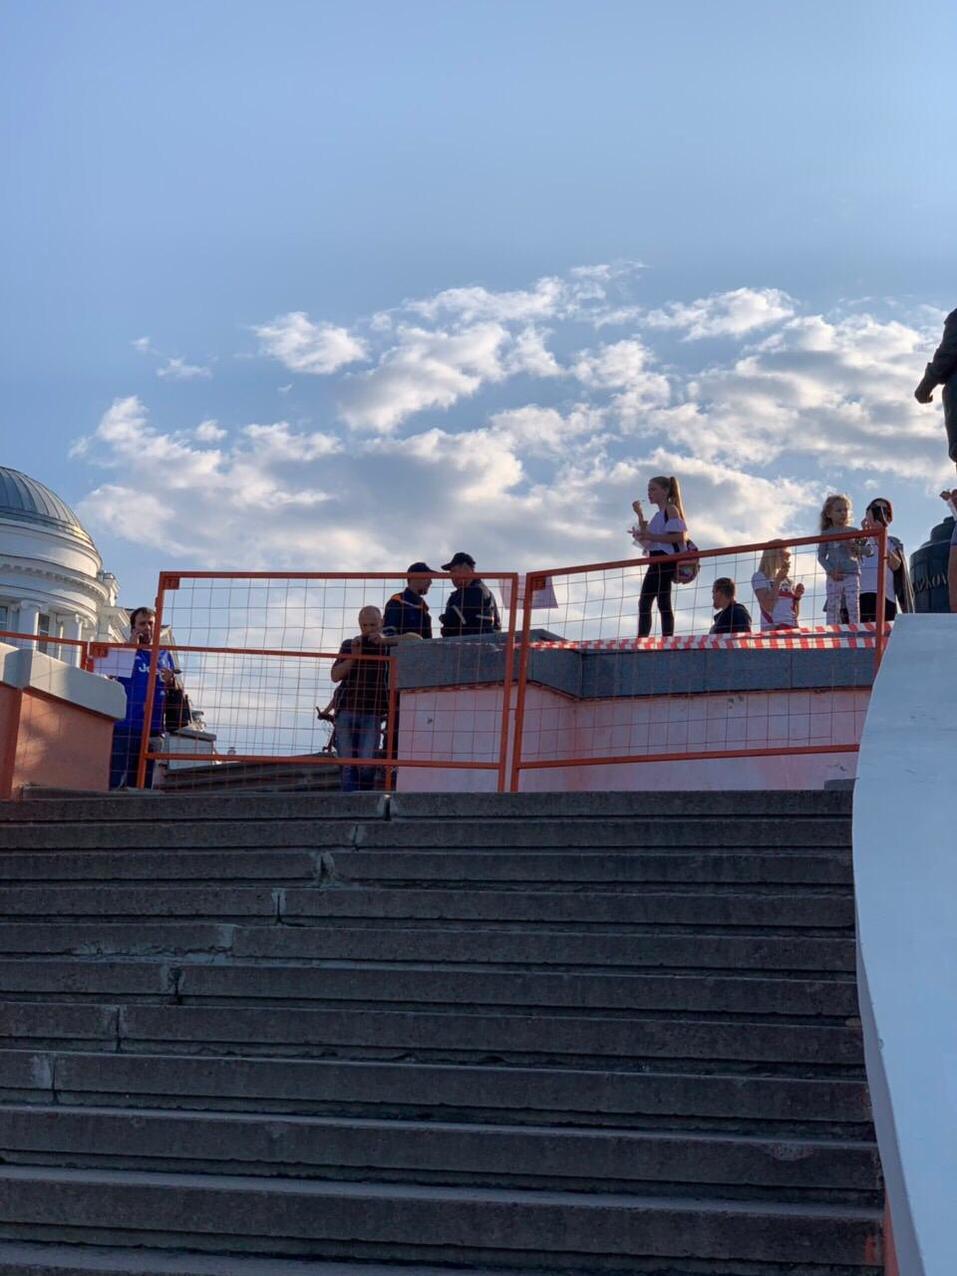 В Нижнем Новгороде обрушилась часть смотровой площадки Чкаловской лестницы 2